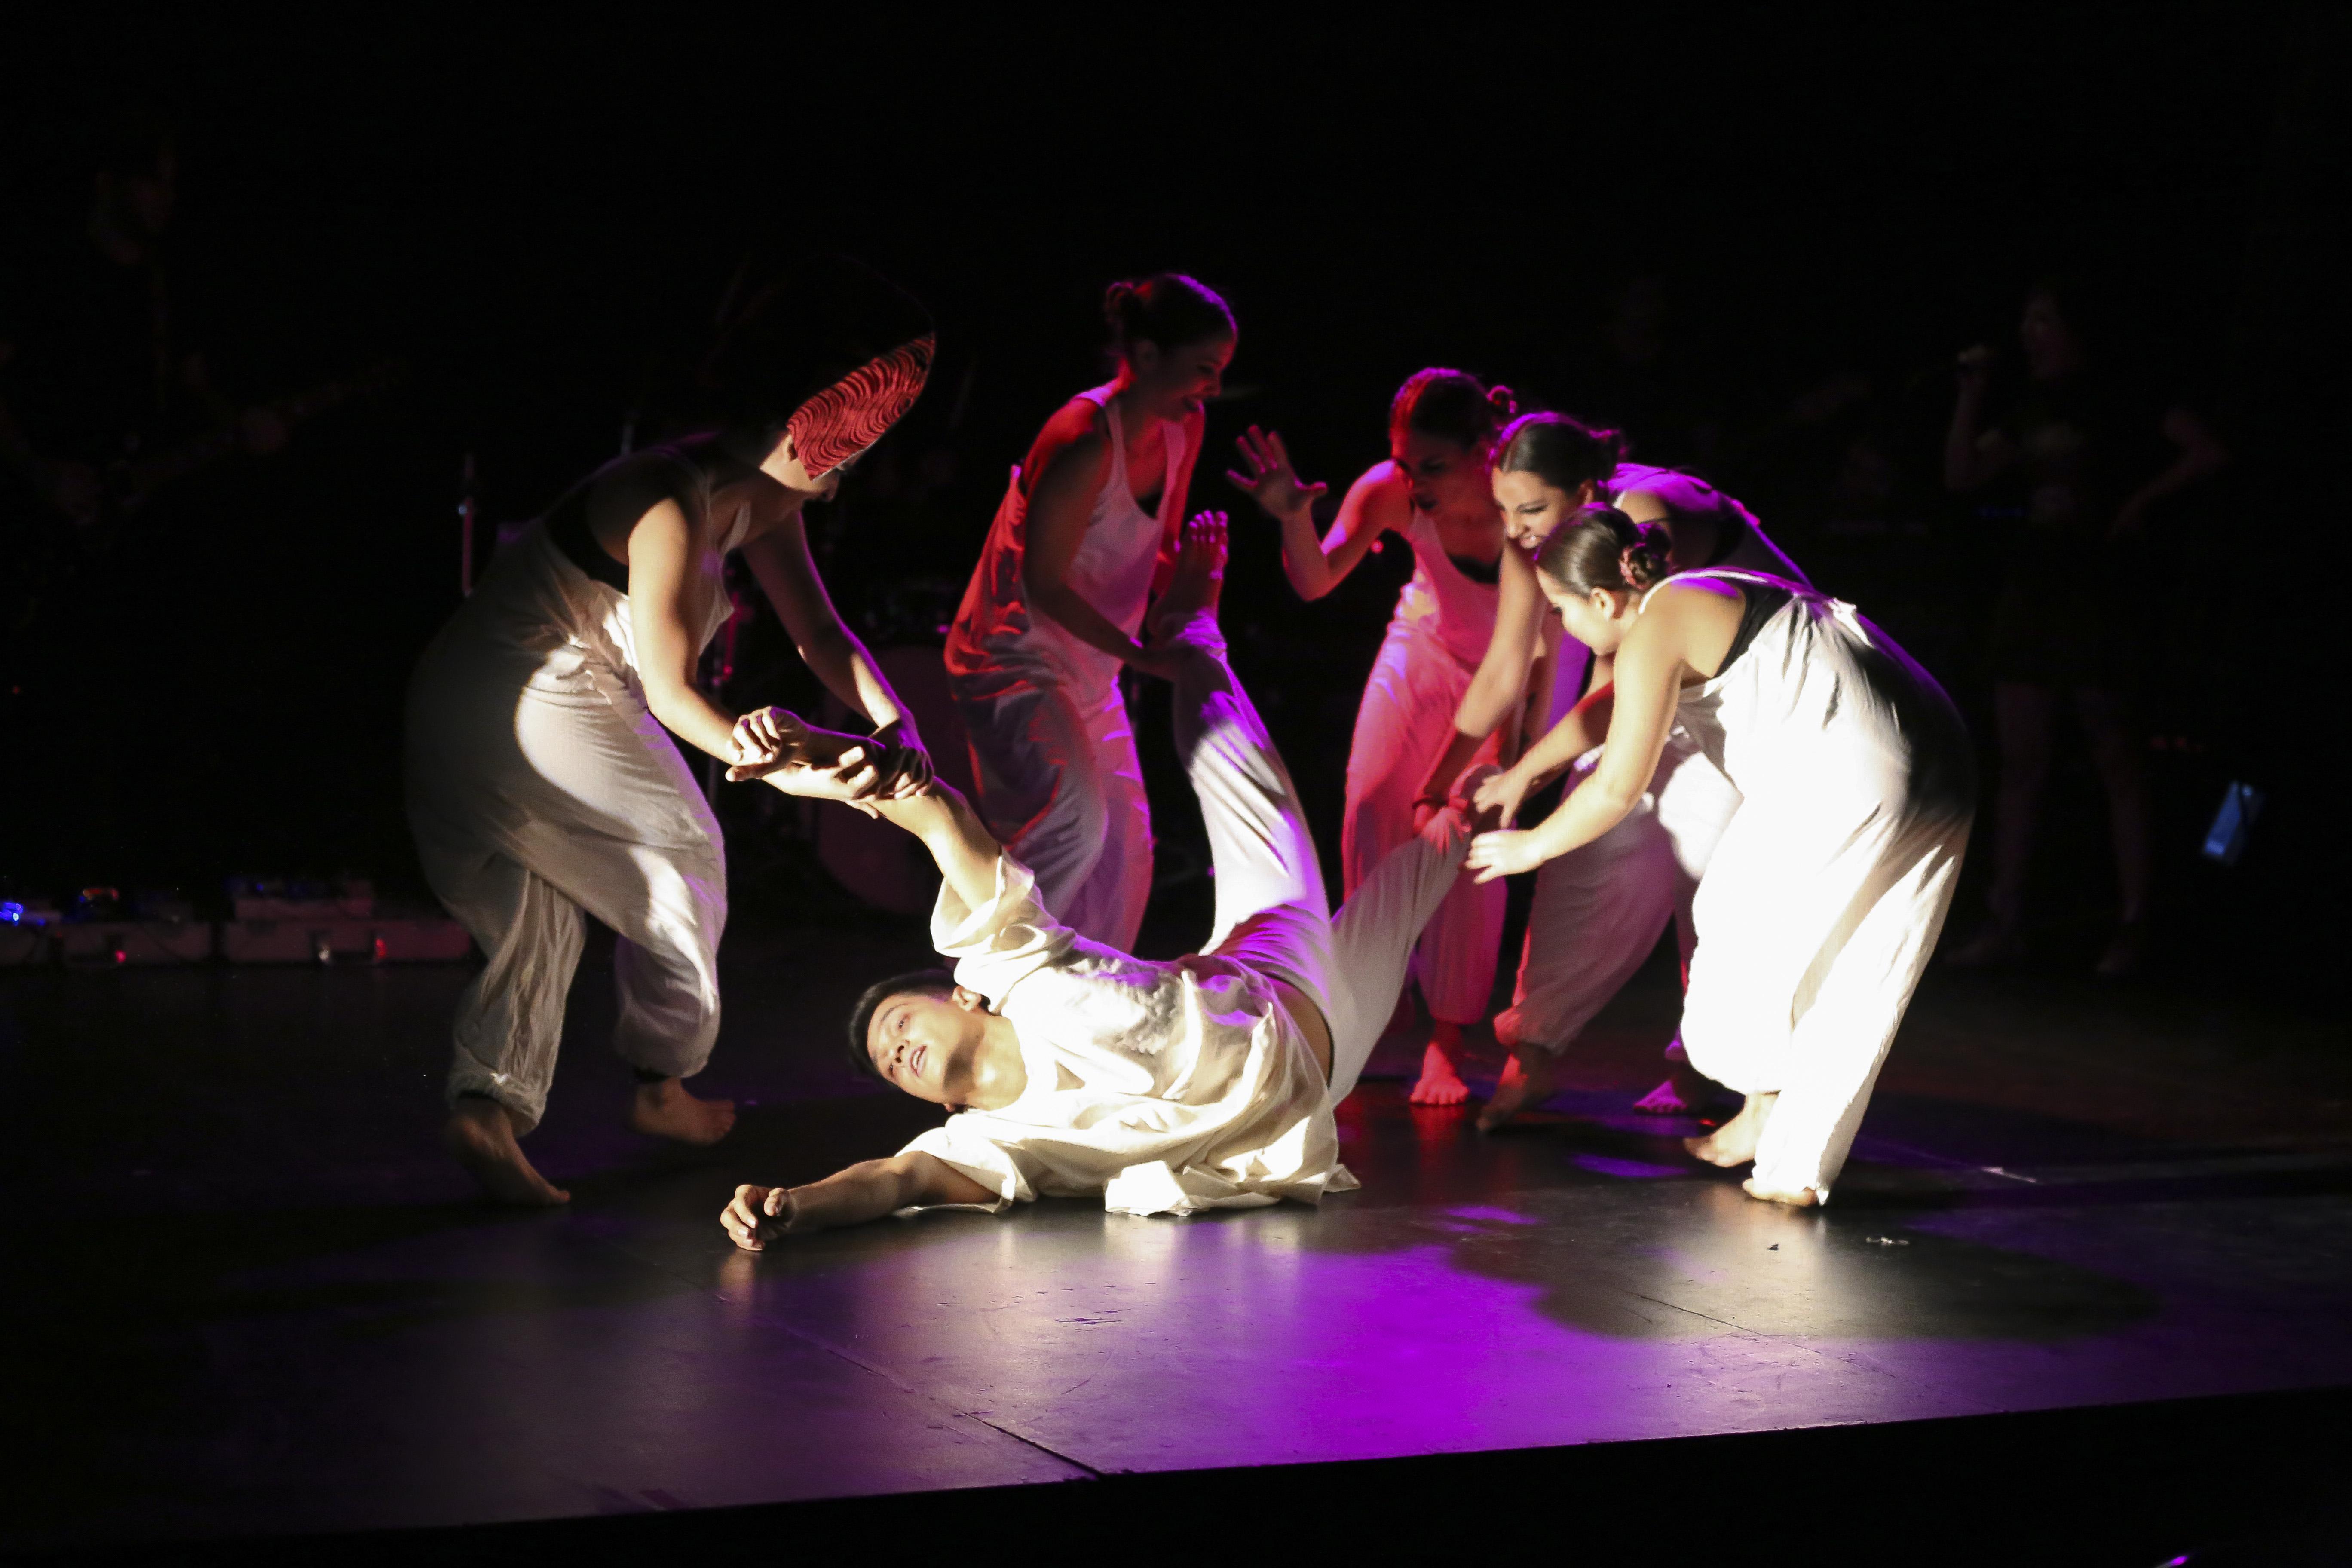 Actores en escena, realizando una obra de teatro; en donde dentro de sus personajes, cinco mujeres se encuentran arrastrando y jalando a un hombre de las piernas y brazos.